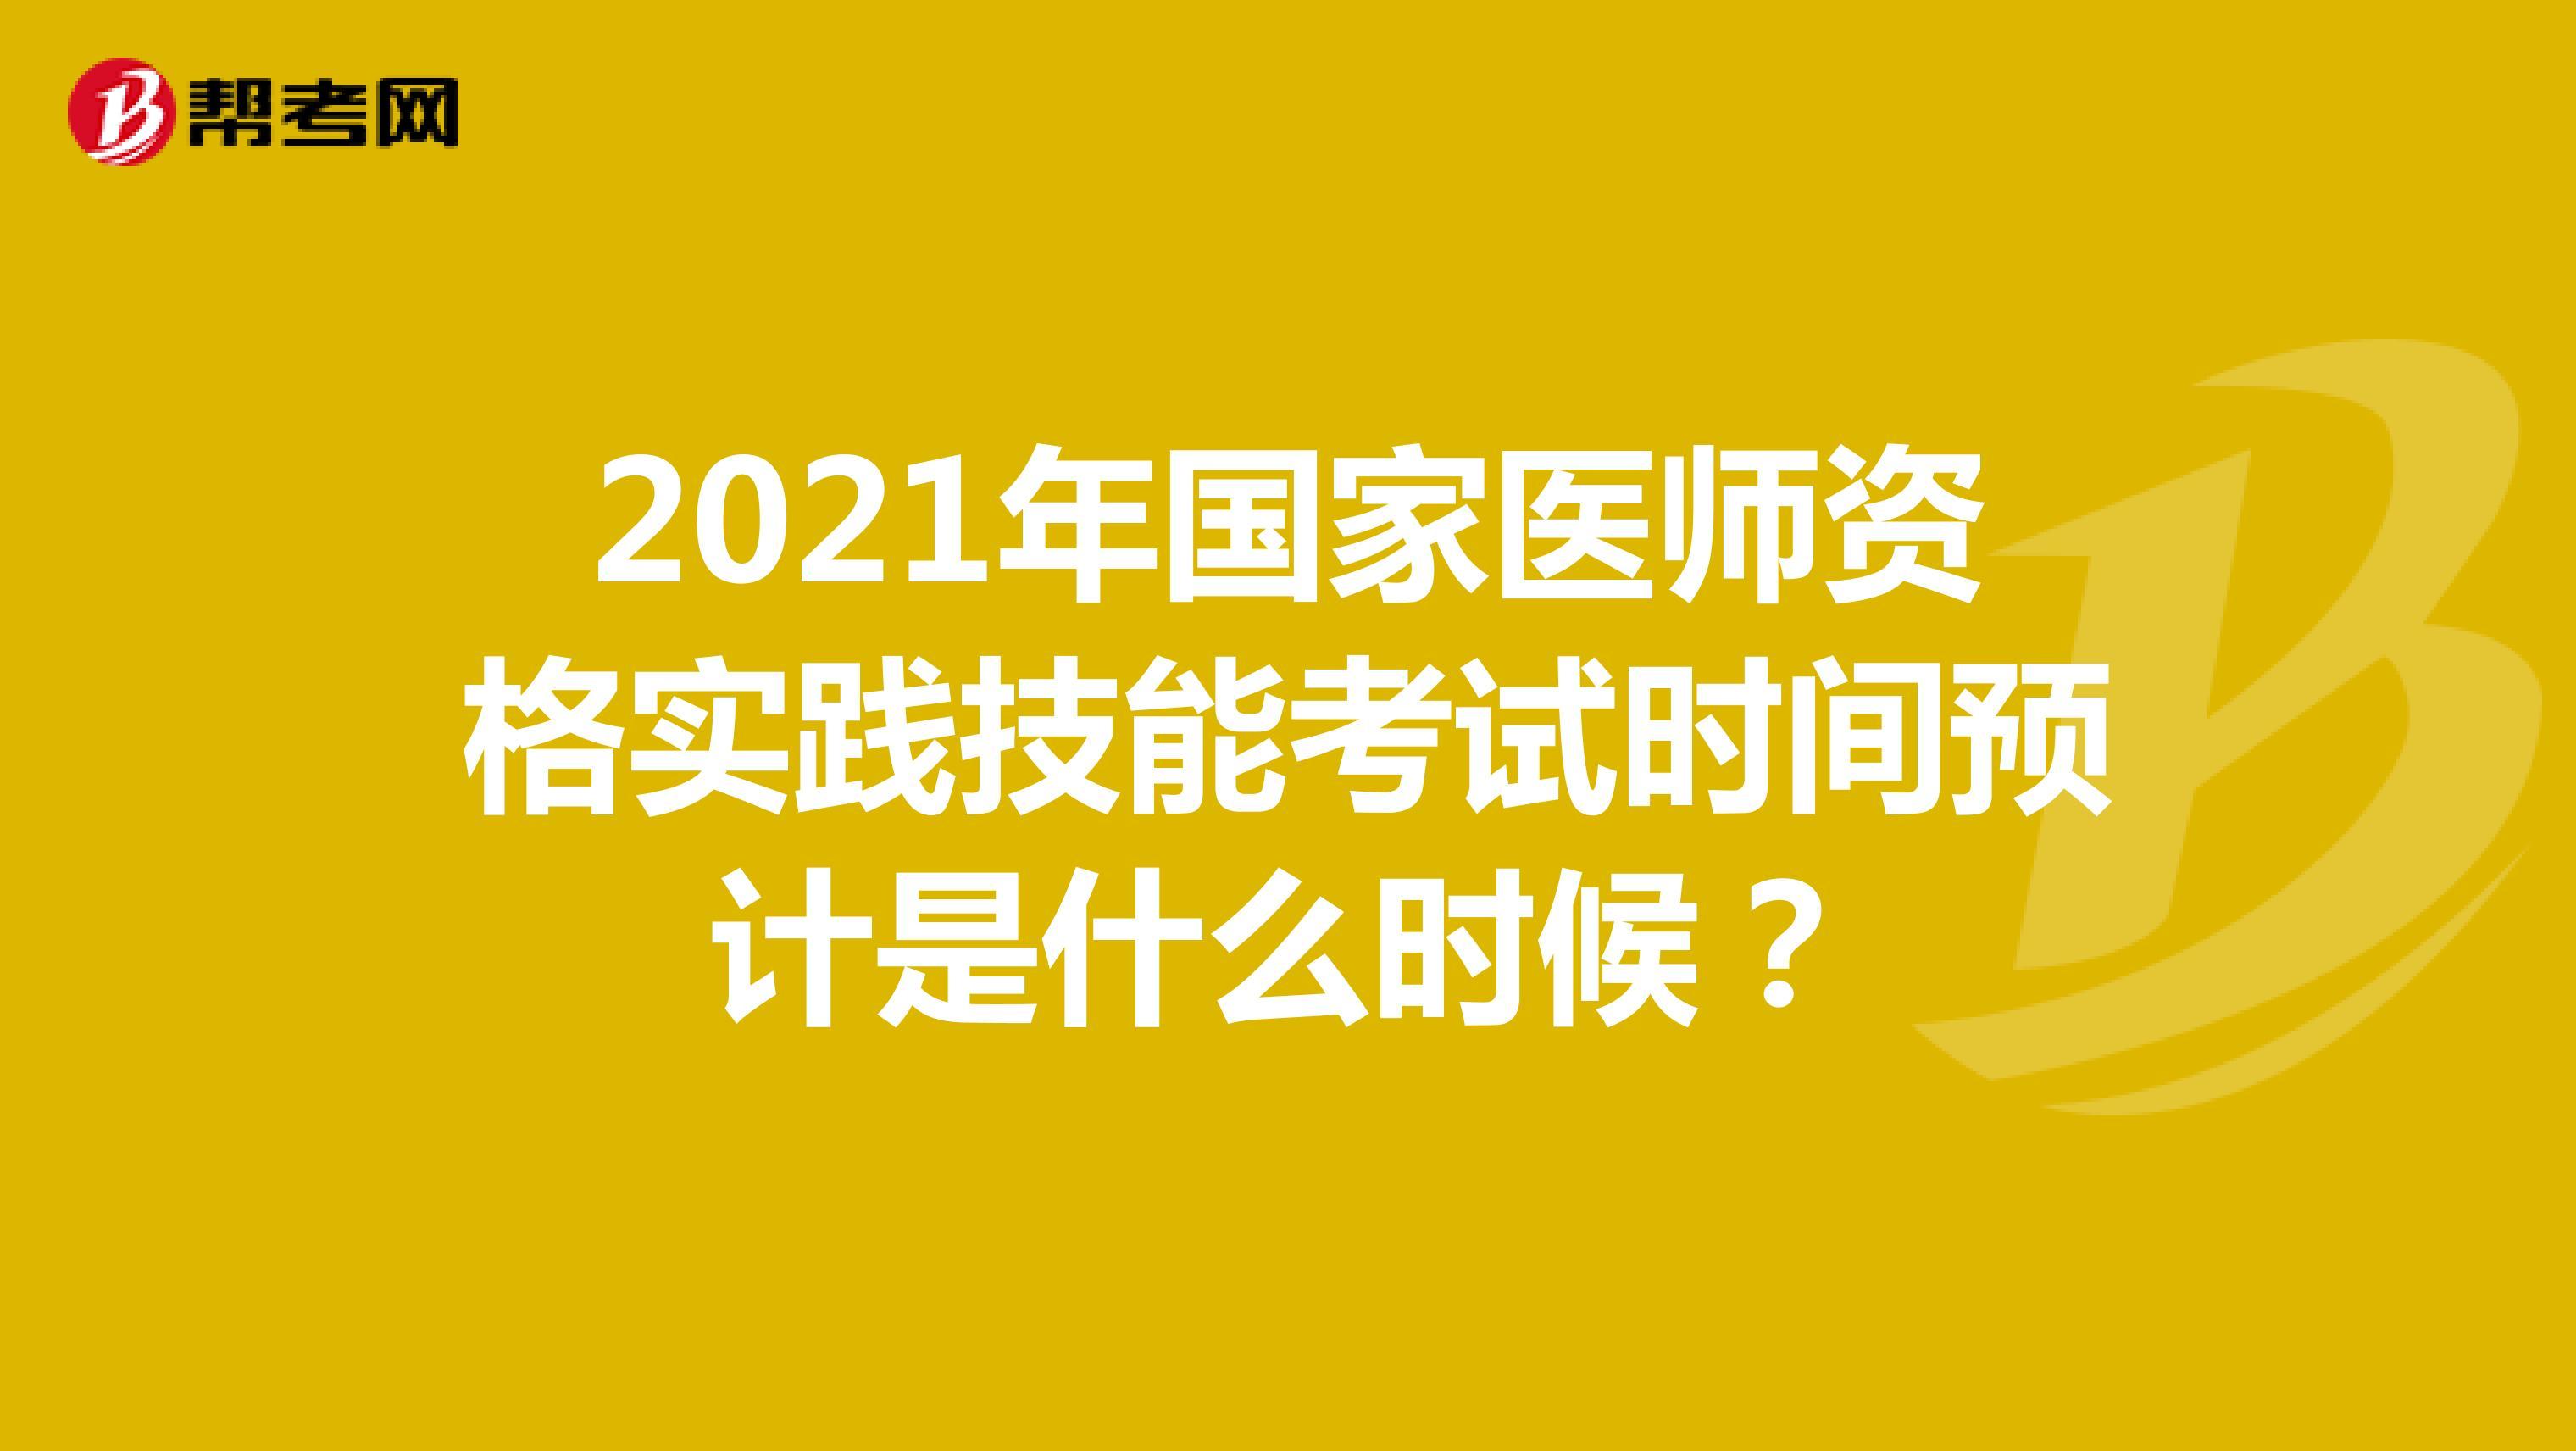 2021年国家医师资格实践技能考试时间预计是什么时候?